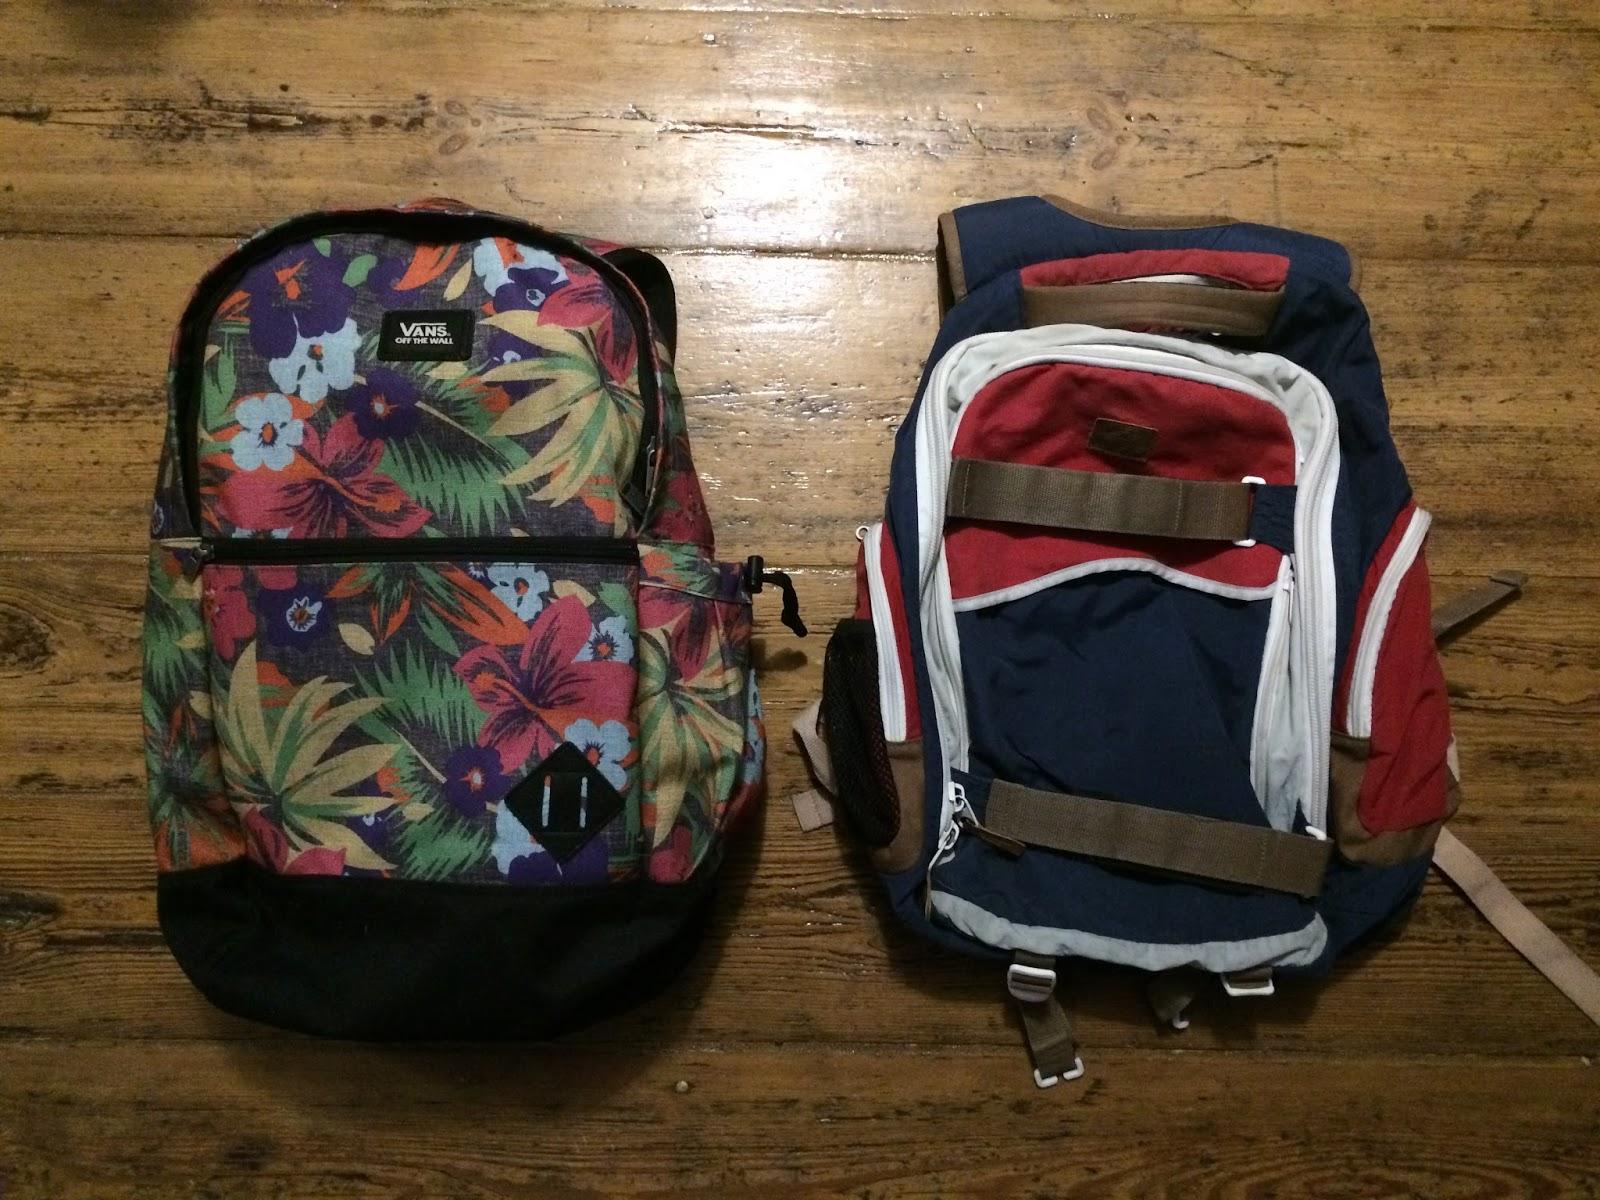 35e1c598a4eb6 Przekładając to wszystko na język wizualny – w pierwszej opcji za darmo  polecimy z niedużą walizką i torebką, w drugiej zabrać możemy jedynie nie  za duży ...